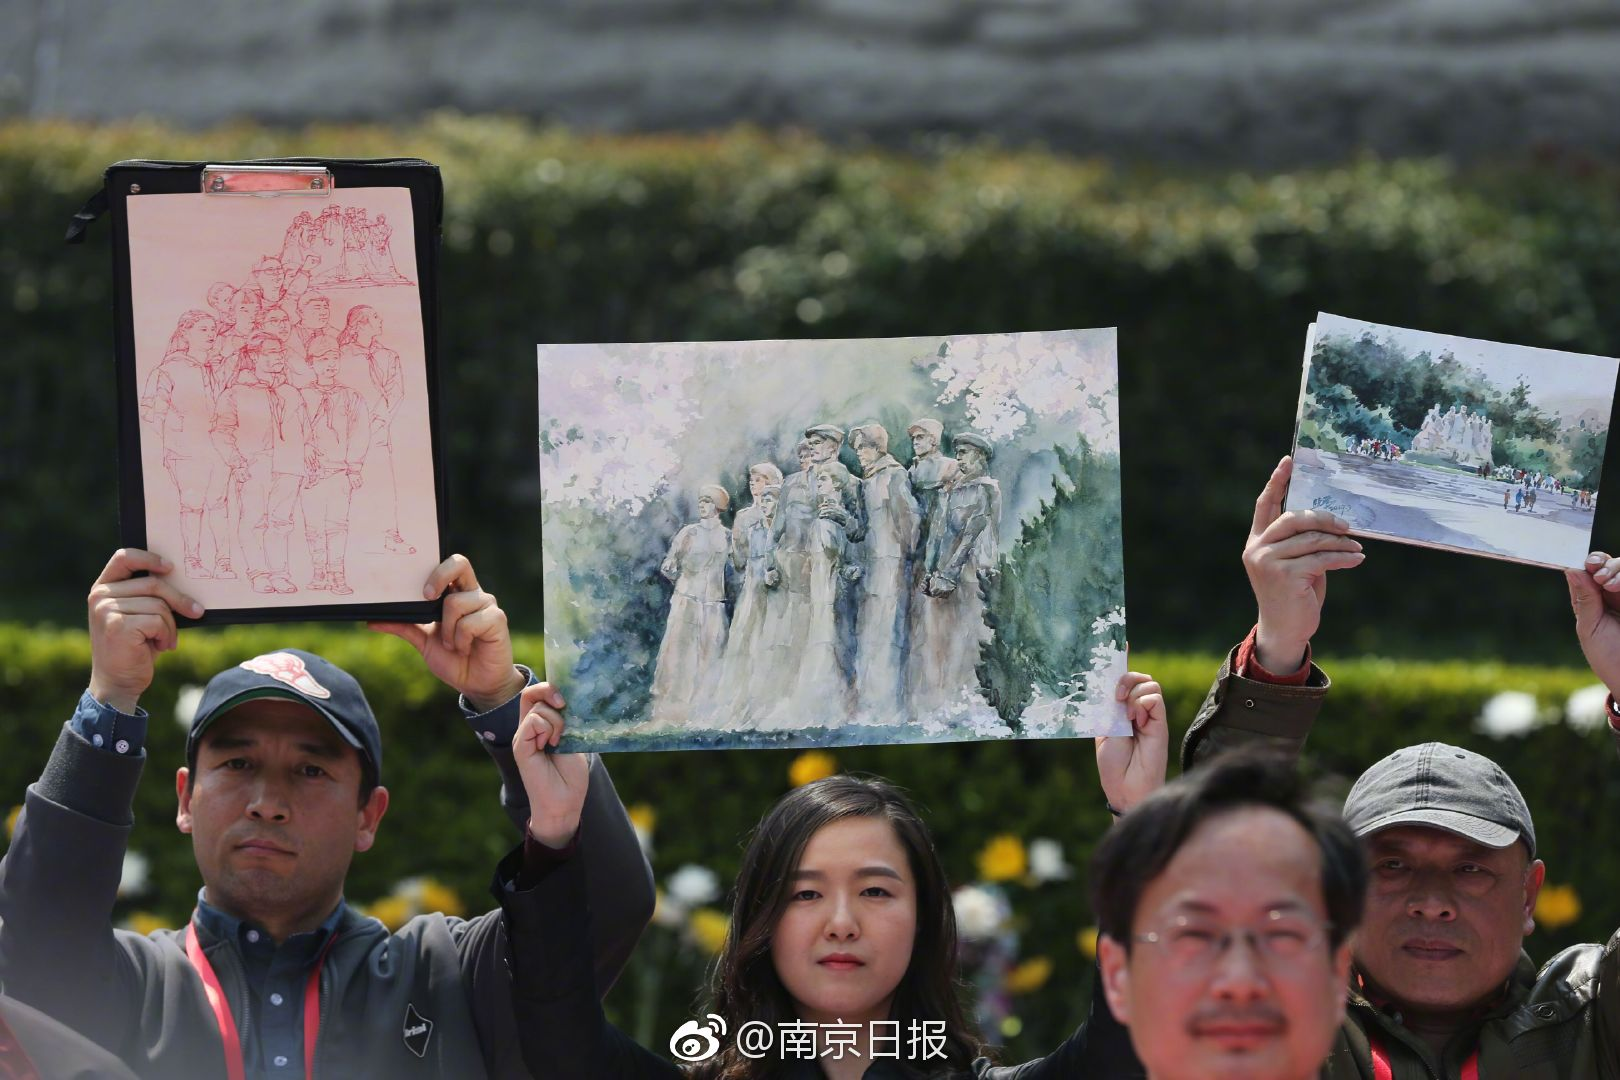 【地评线】共享中国智慧,共同构建人类命运共同体